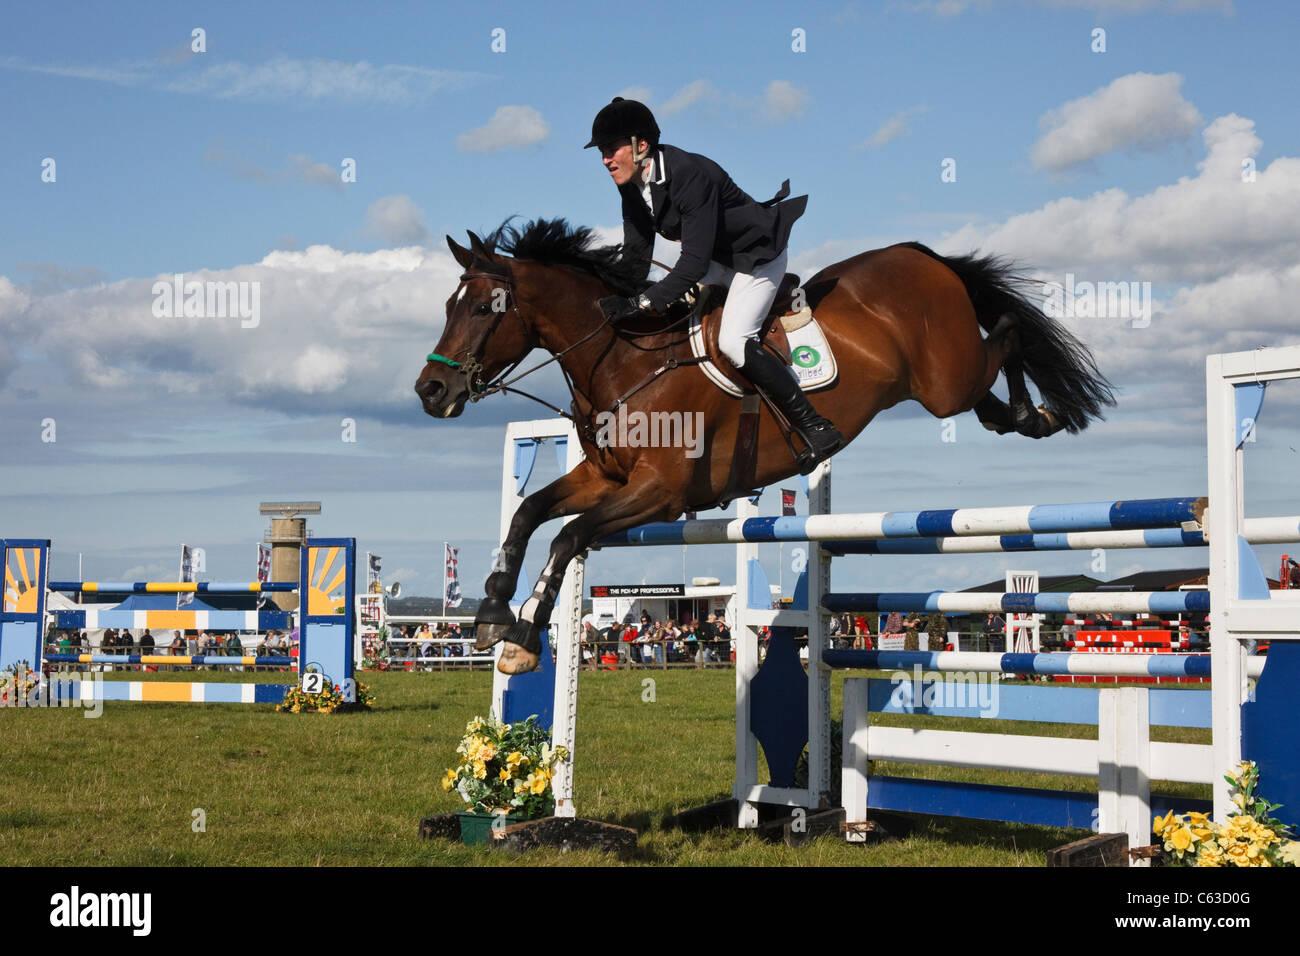 Il nord del Galles, UK. International Show Jumping evento con cavallo e fantino deselezionando i salti a Anglesey Immagini Stock